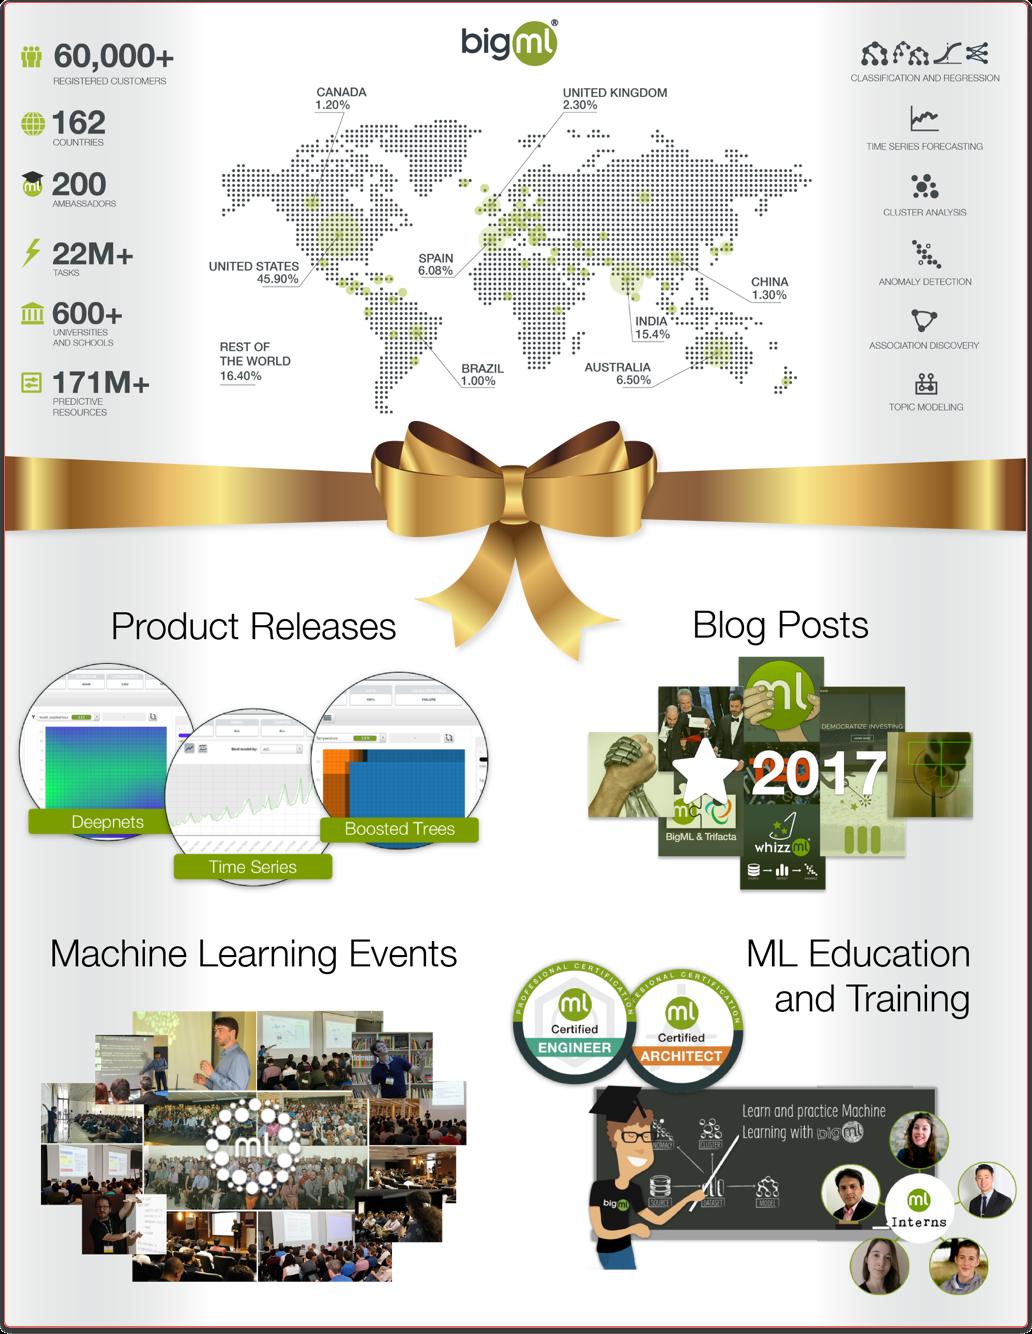 2017 Achievements